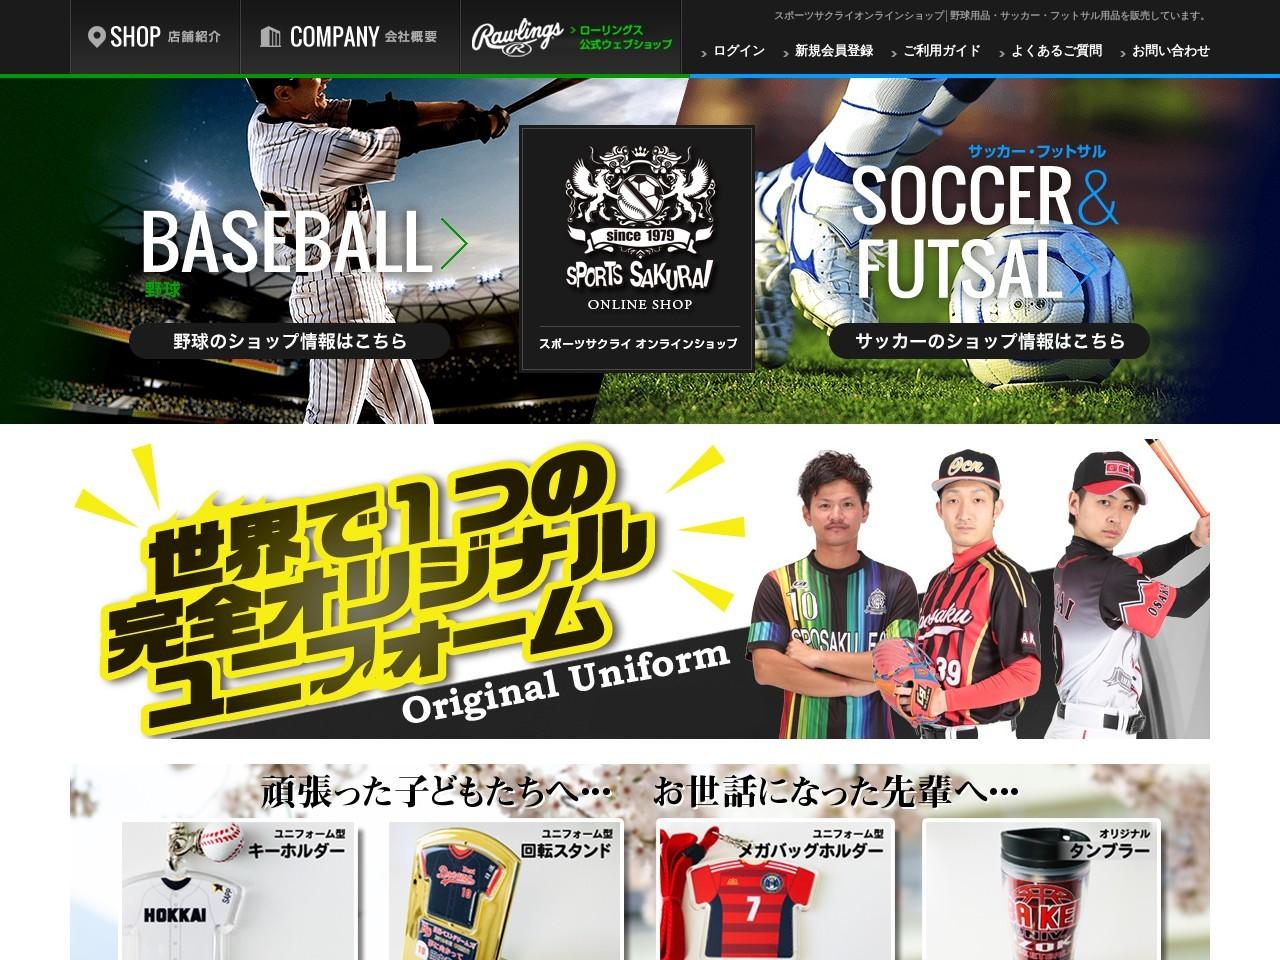 スポーツサクライ株式会社堺店/サッカー